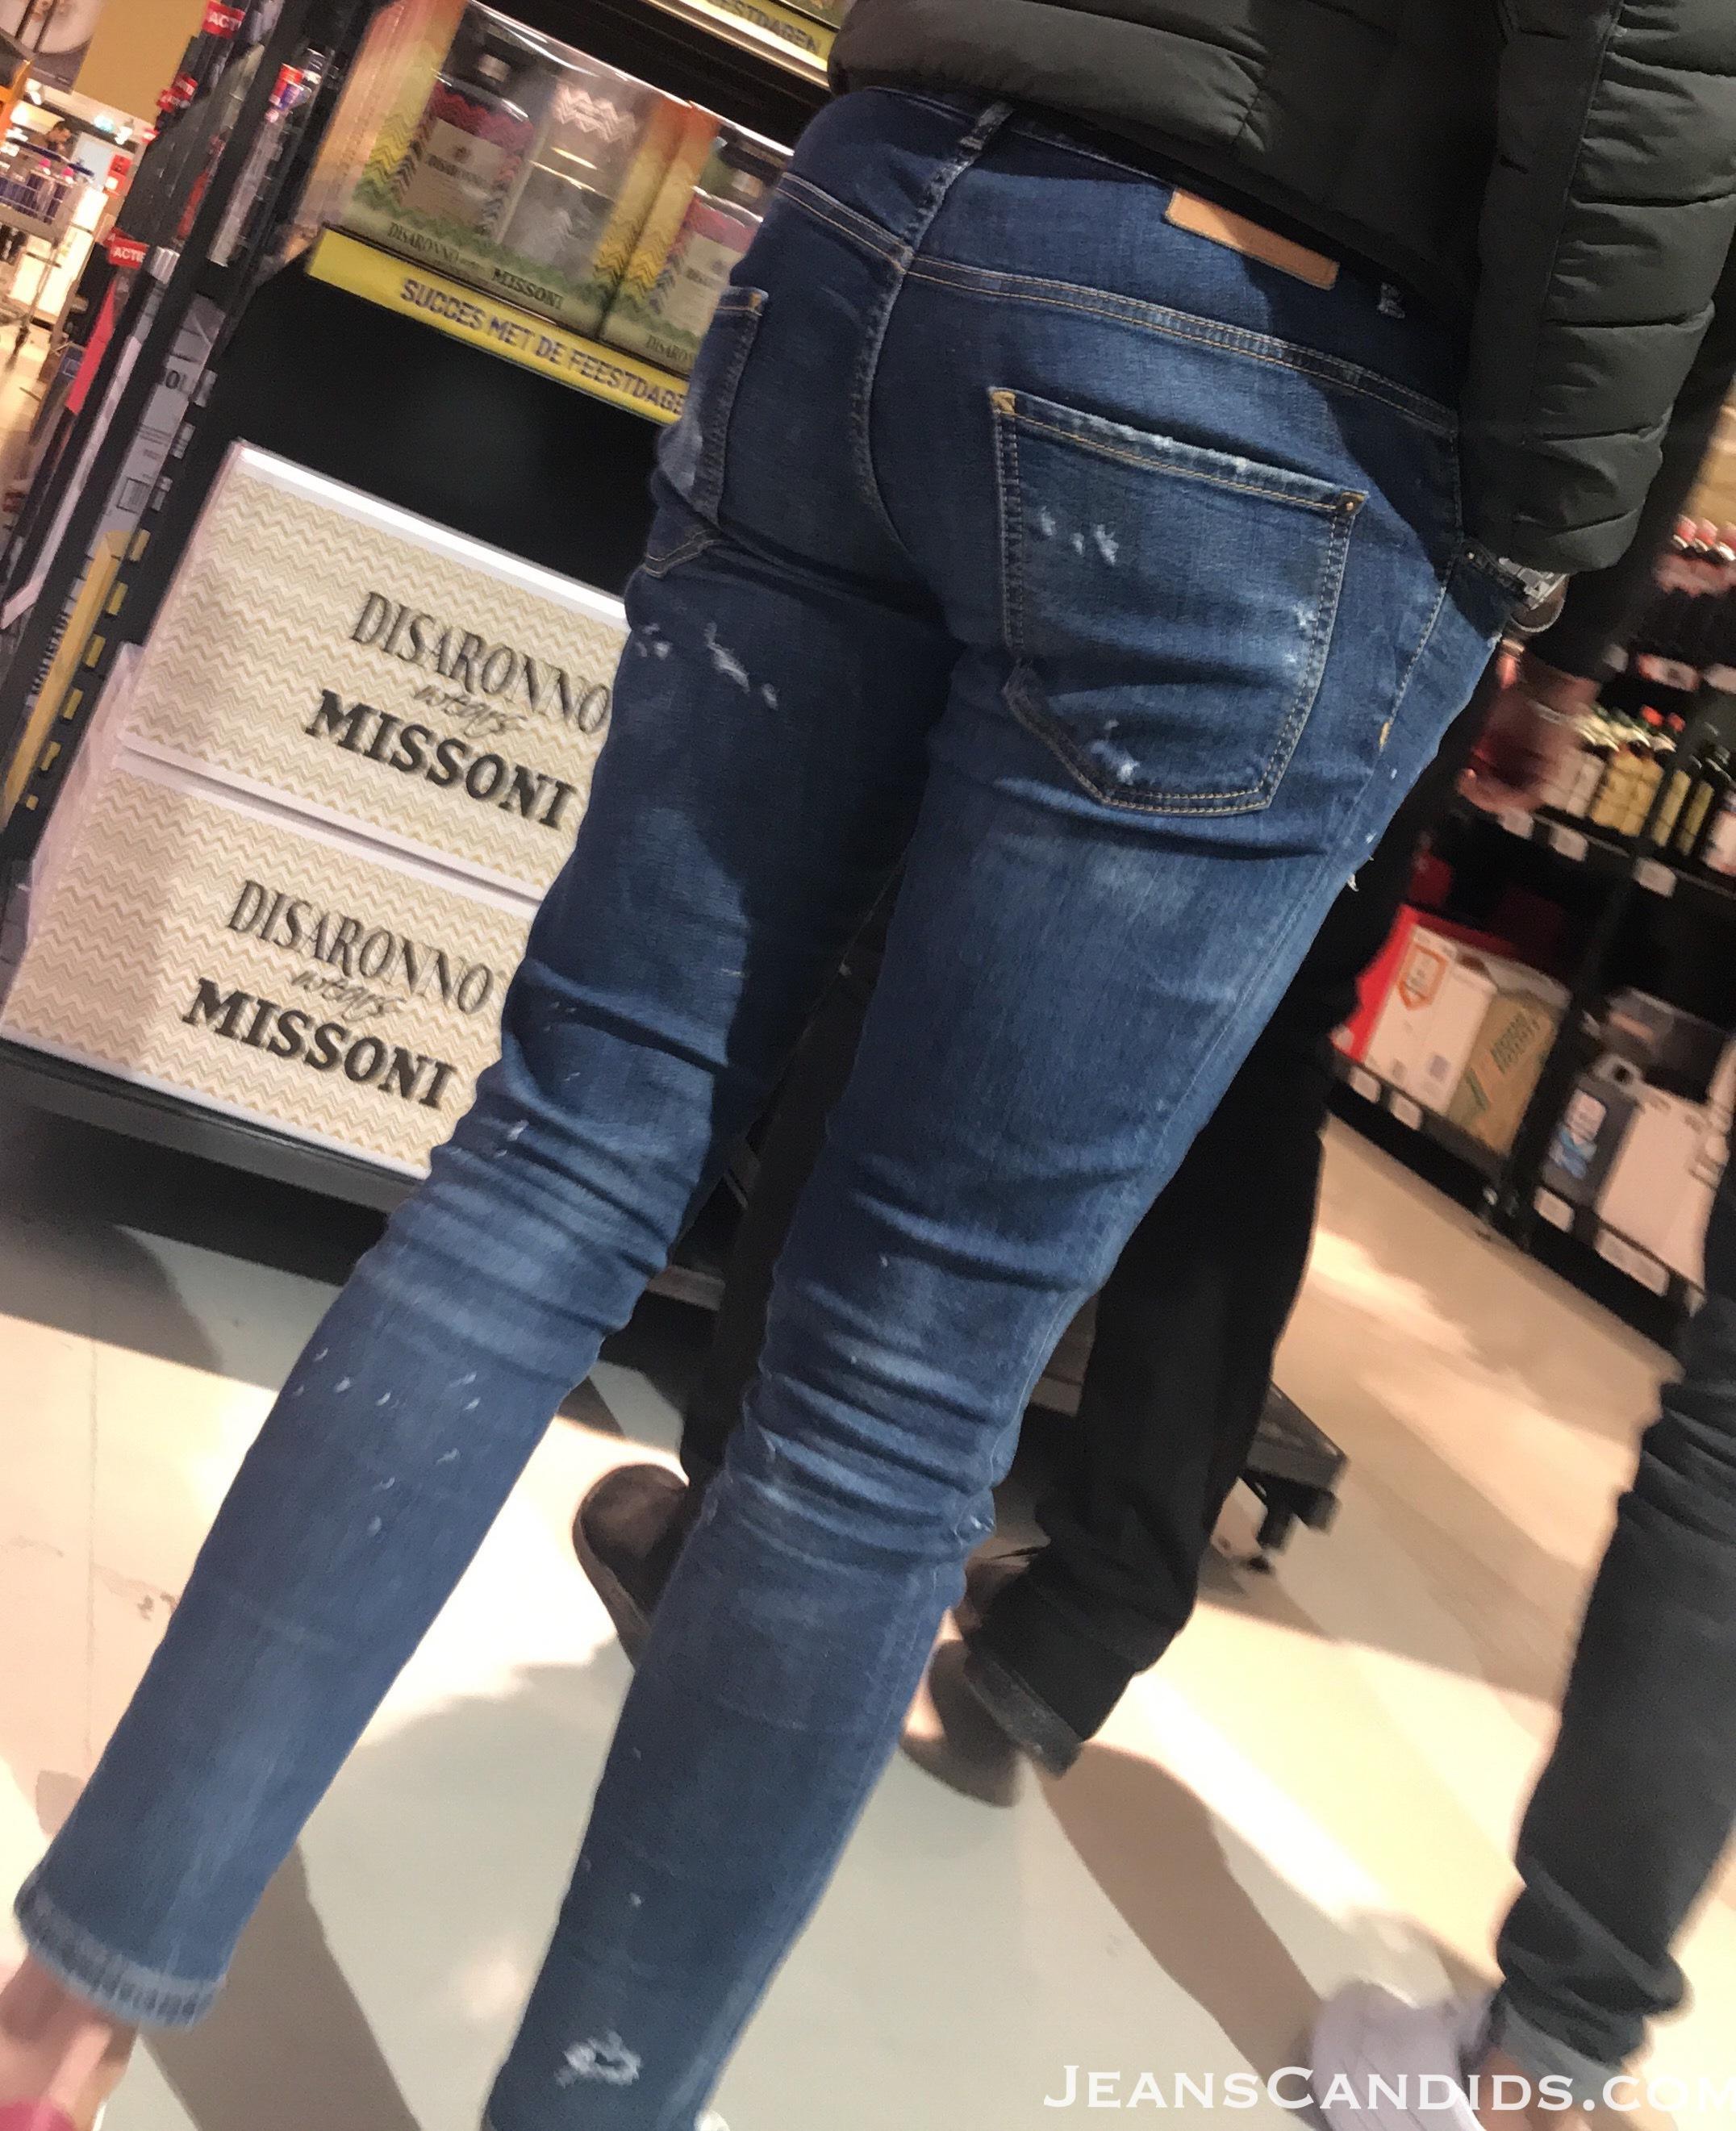 8- Hot Teens in Jeans-9.JPG